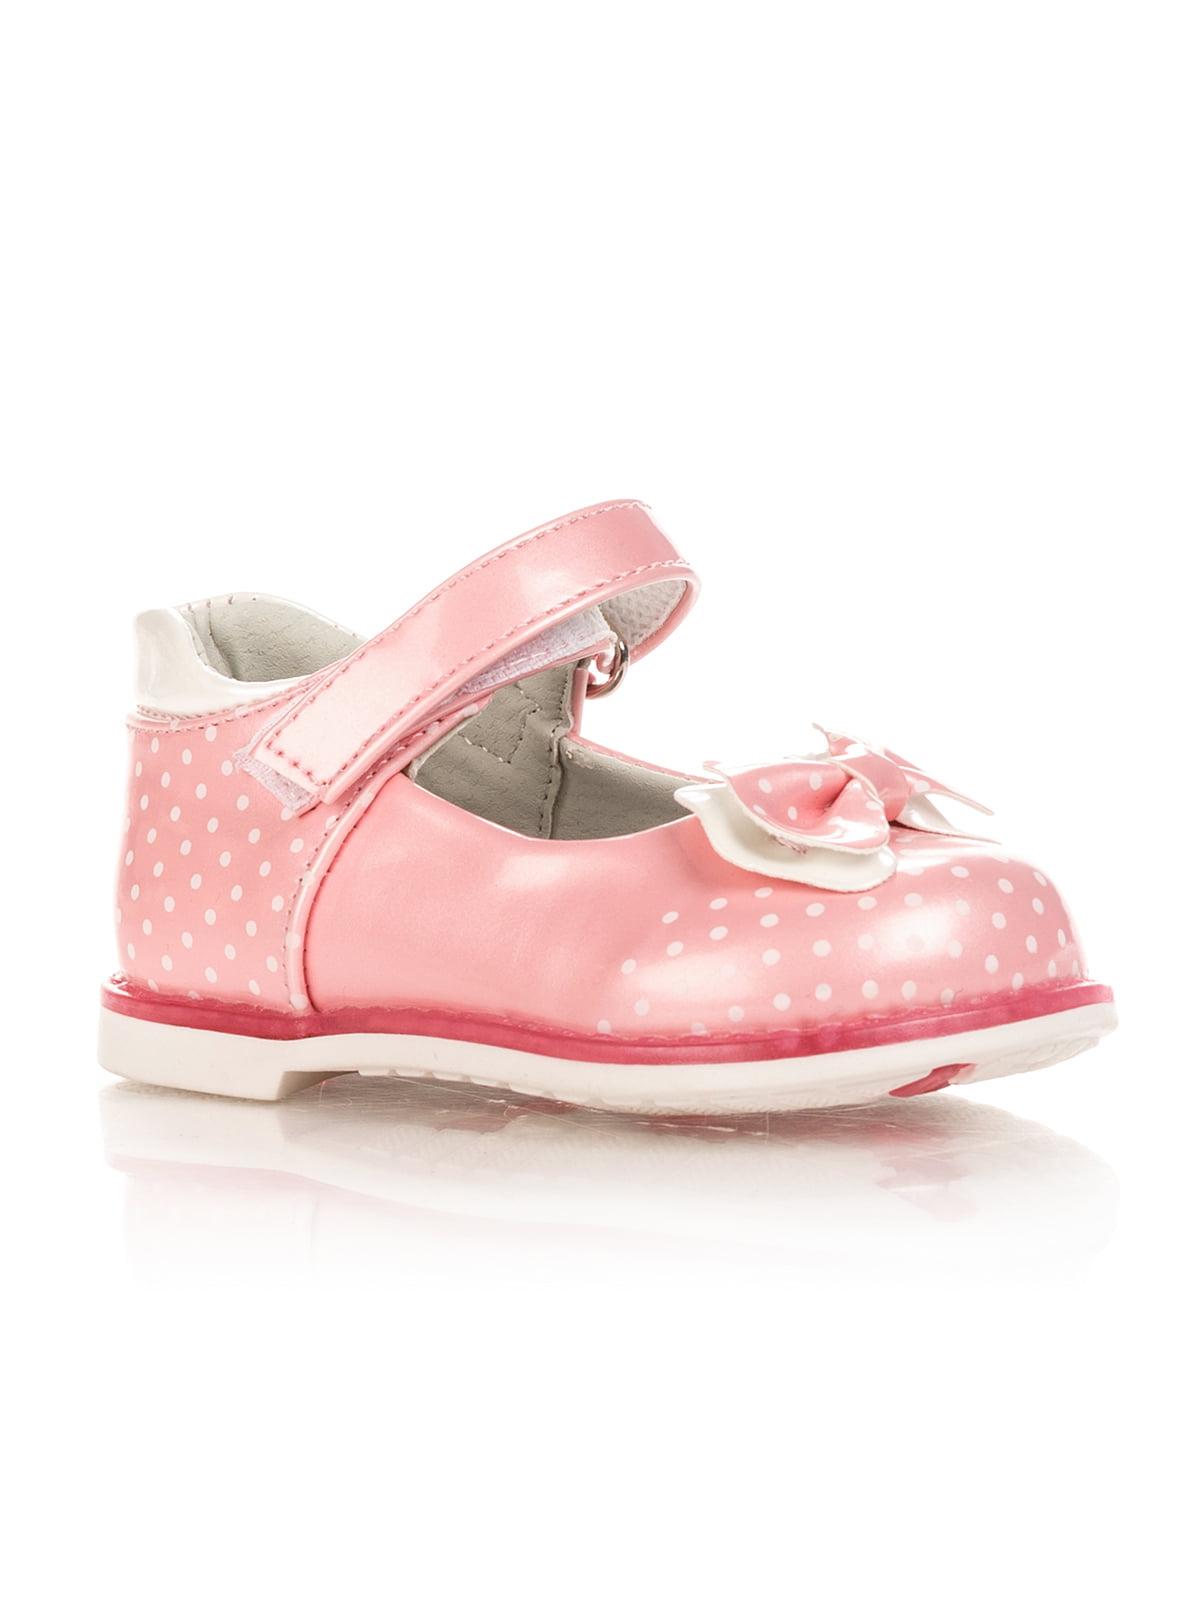 Туфли розовые в горошек | 4408225